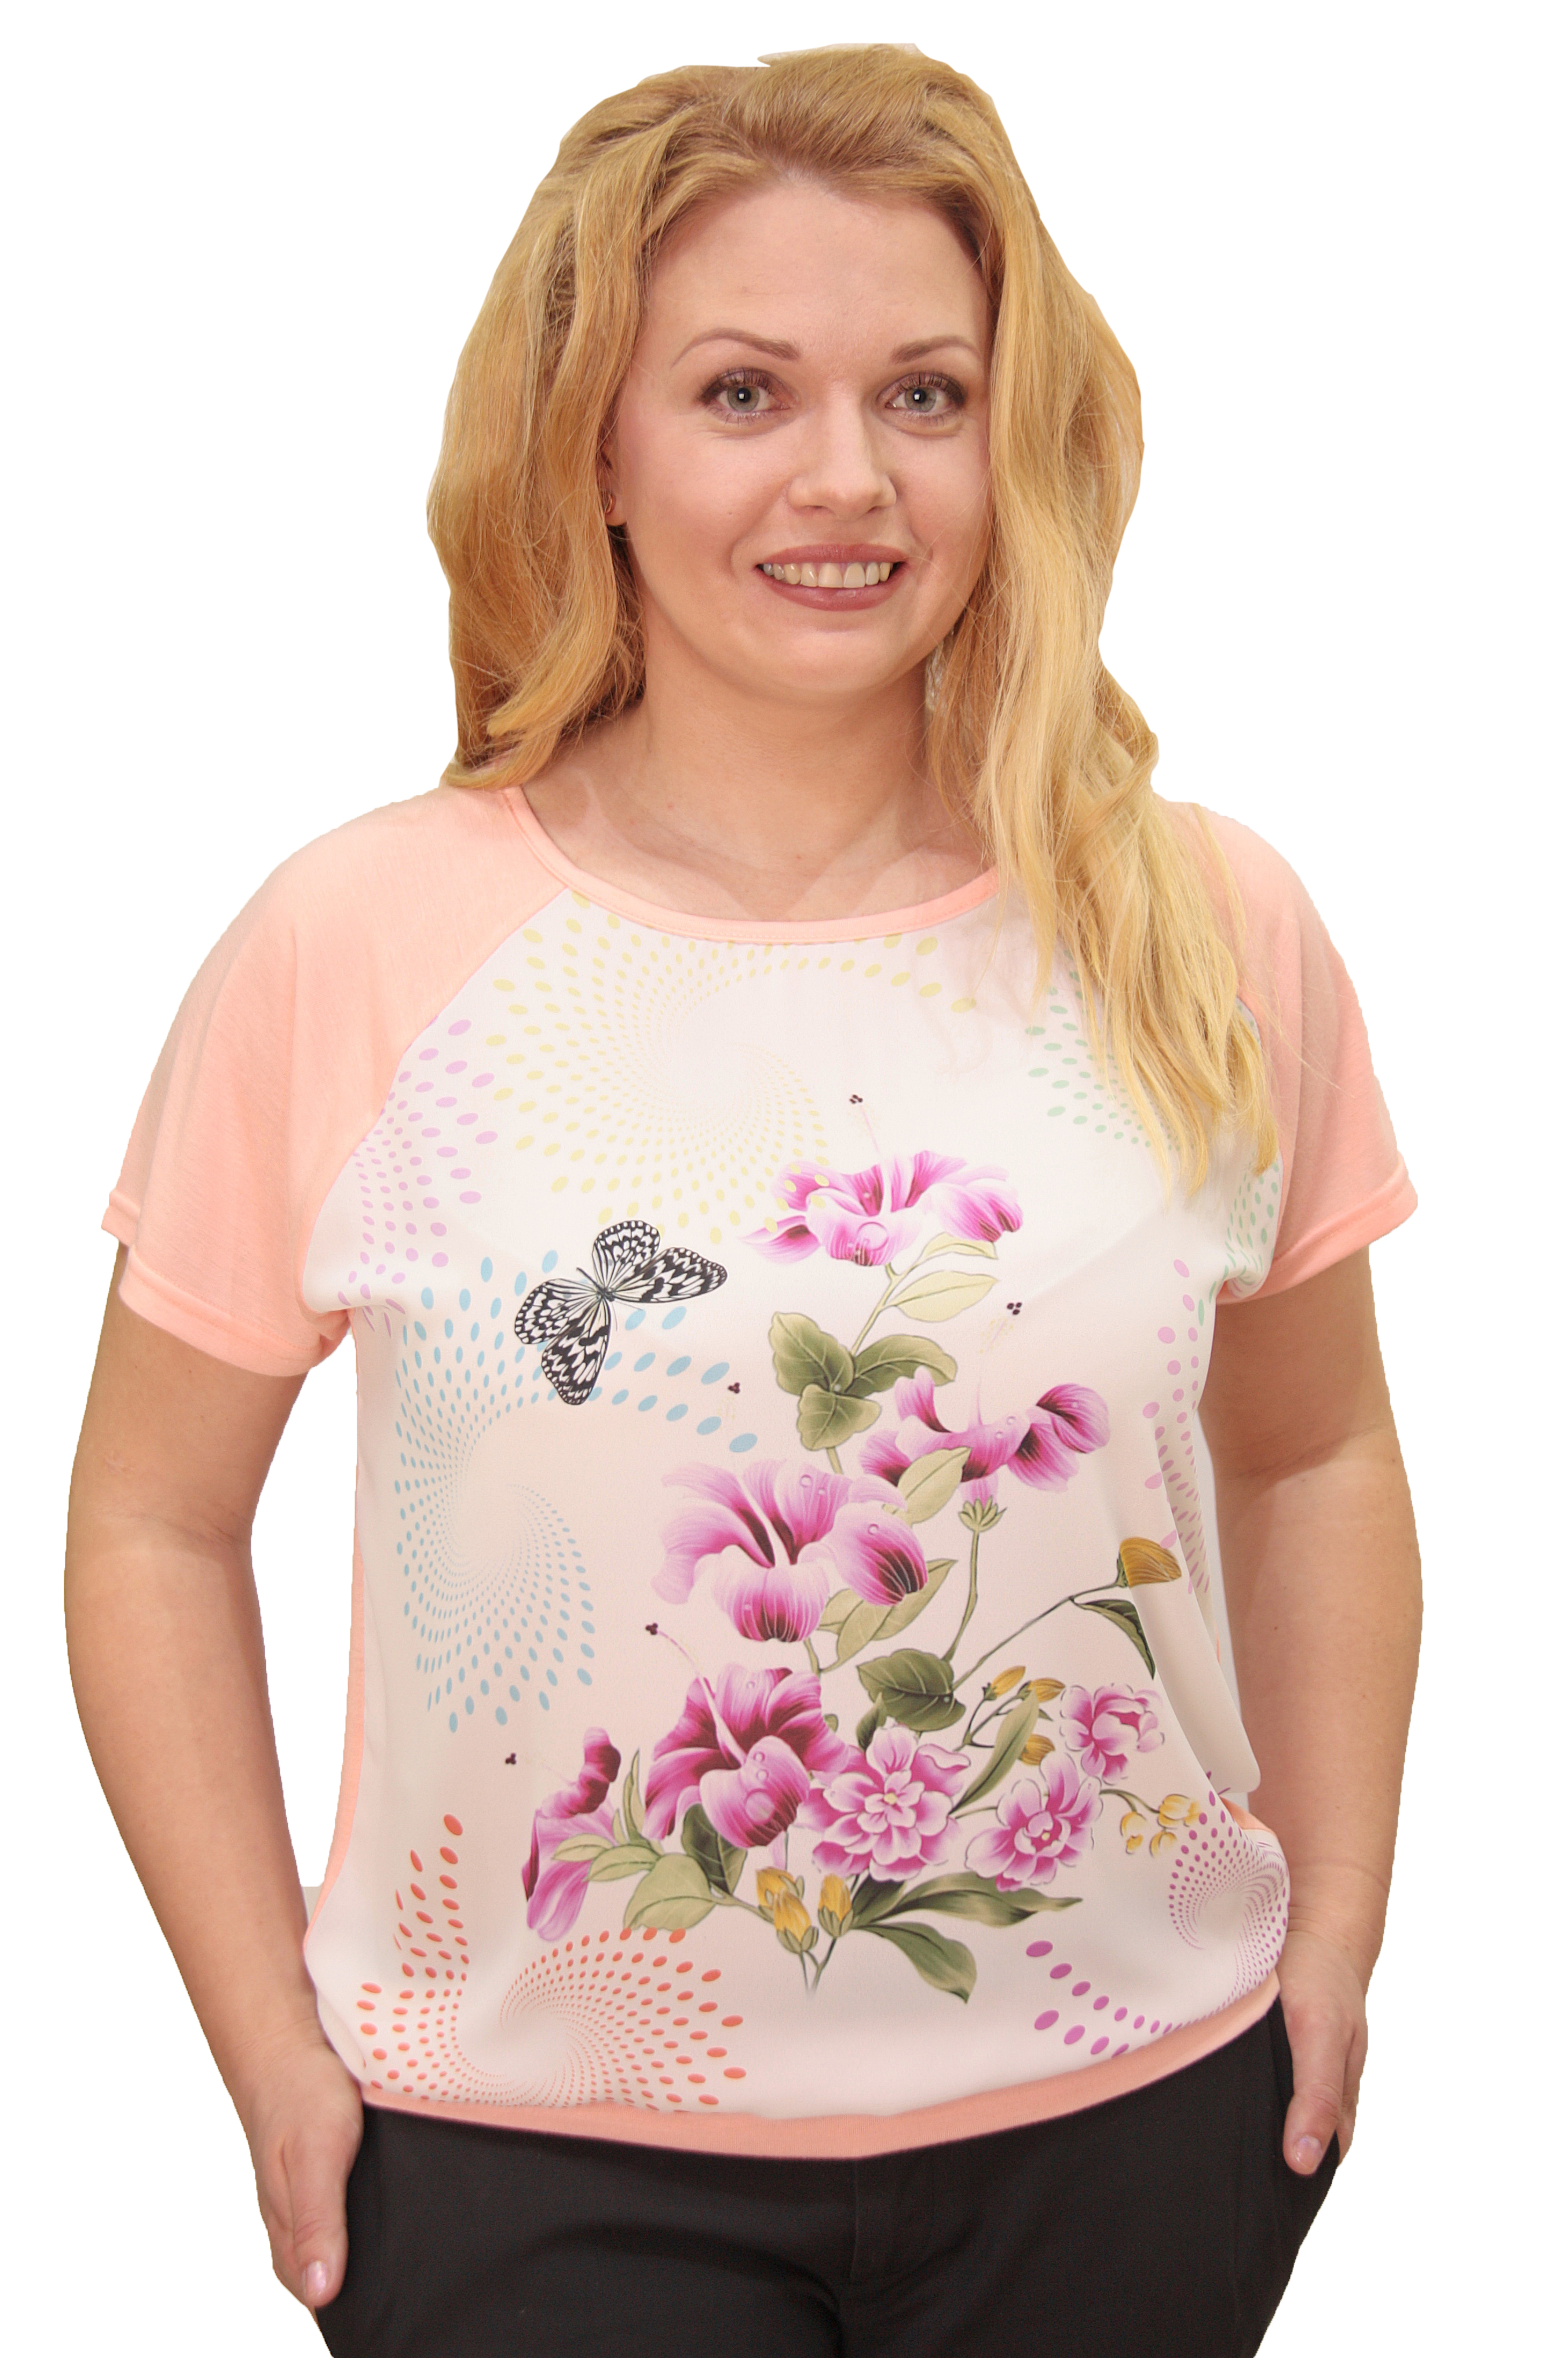 Футболка Naturel, розовый 48 размерCMST1602406-LФутболка-блуза свободного кроя выполнена из двух летних, приятных к телу тканей: спинка и рукава однотонный легкий, мягкий трикотаж, перед -шифоновая вставка с ярким, красочным, цветочным принтом. Футболка-блузка будет замечательно смотреться не только в деловом, офисном и повседневном стиле, но и романтическом. В этой футболке вы будите выглядеть современно, женственно и соответствовать модным тенденциям текущего сезона.